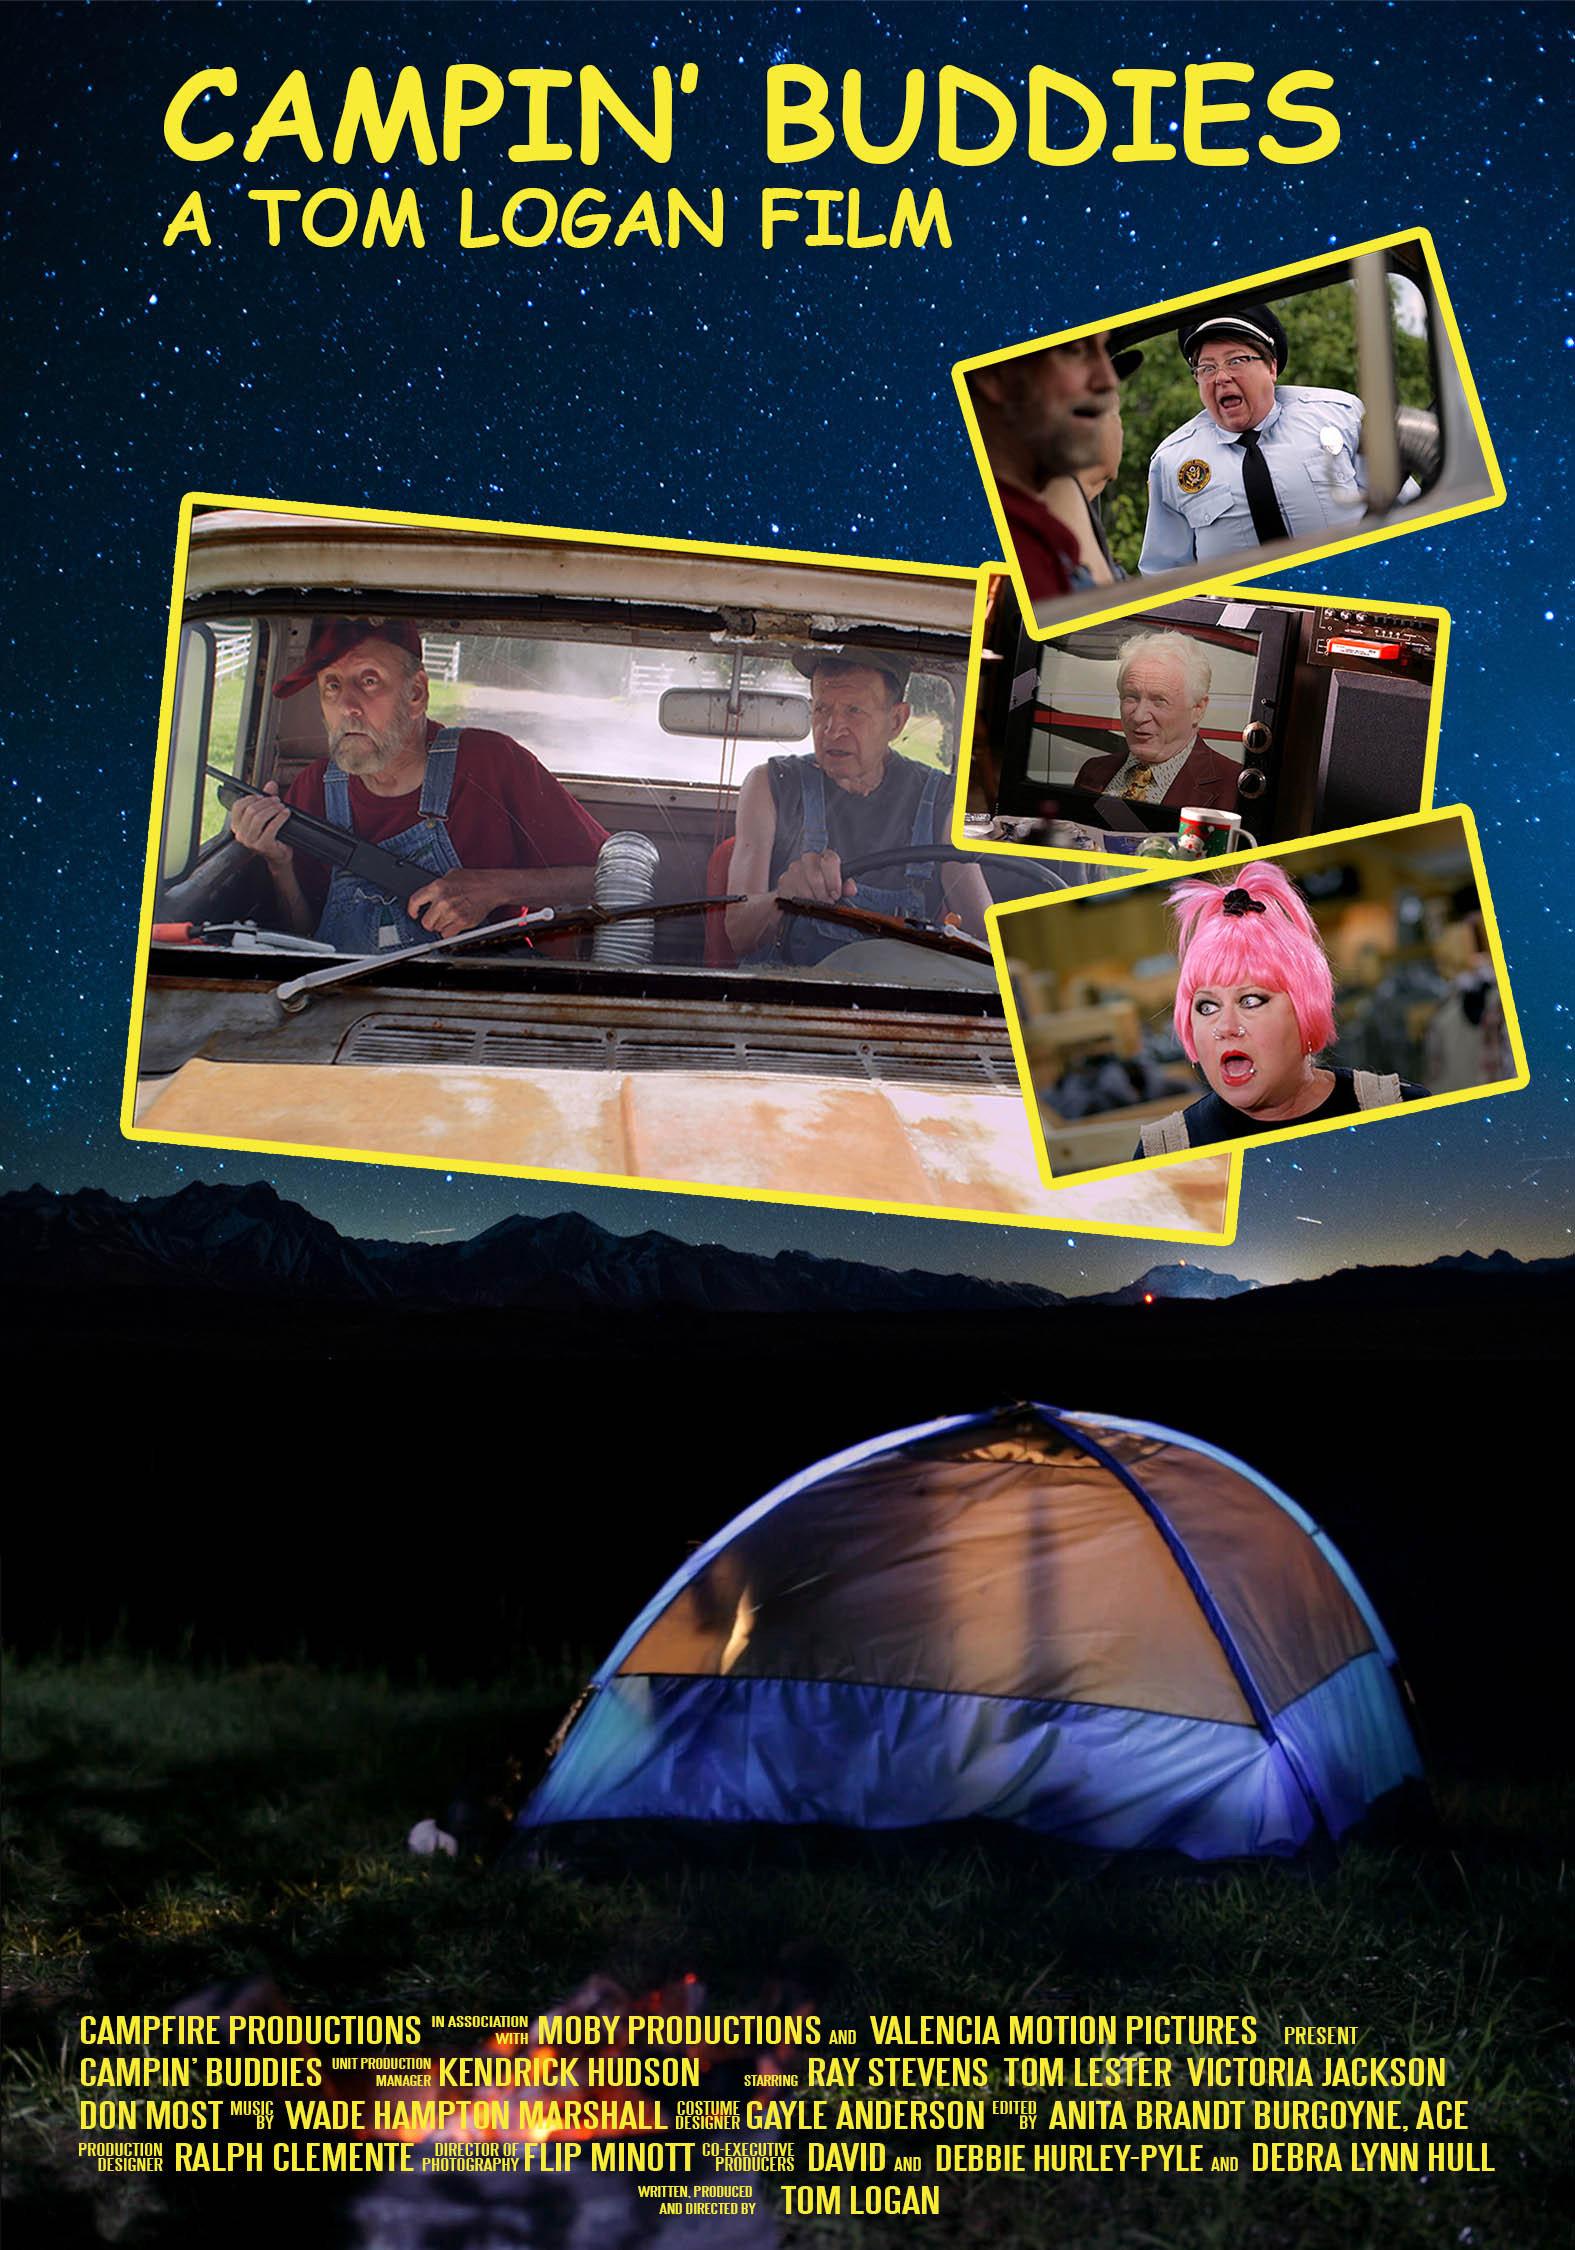 Campin' Buddies